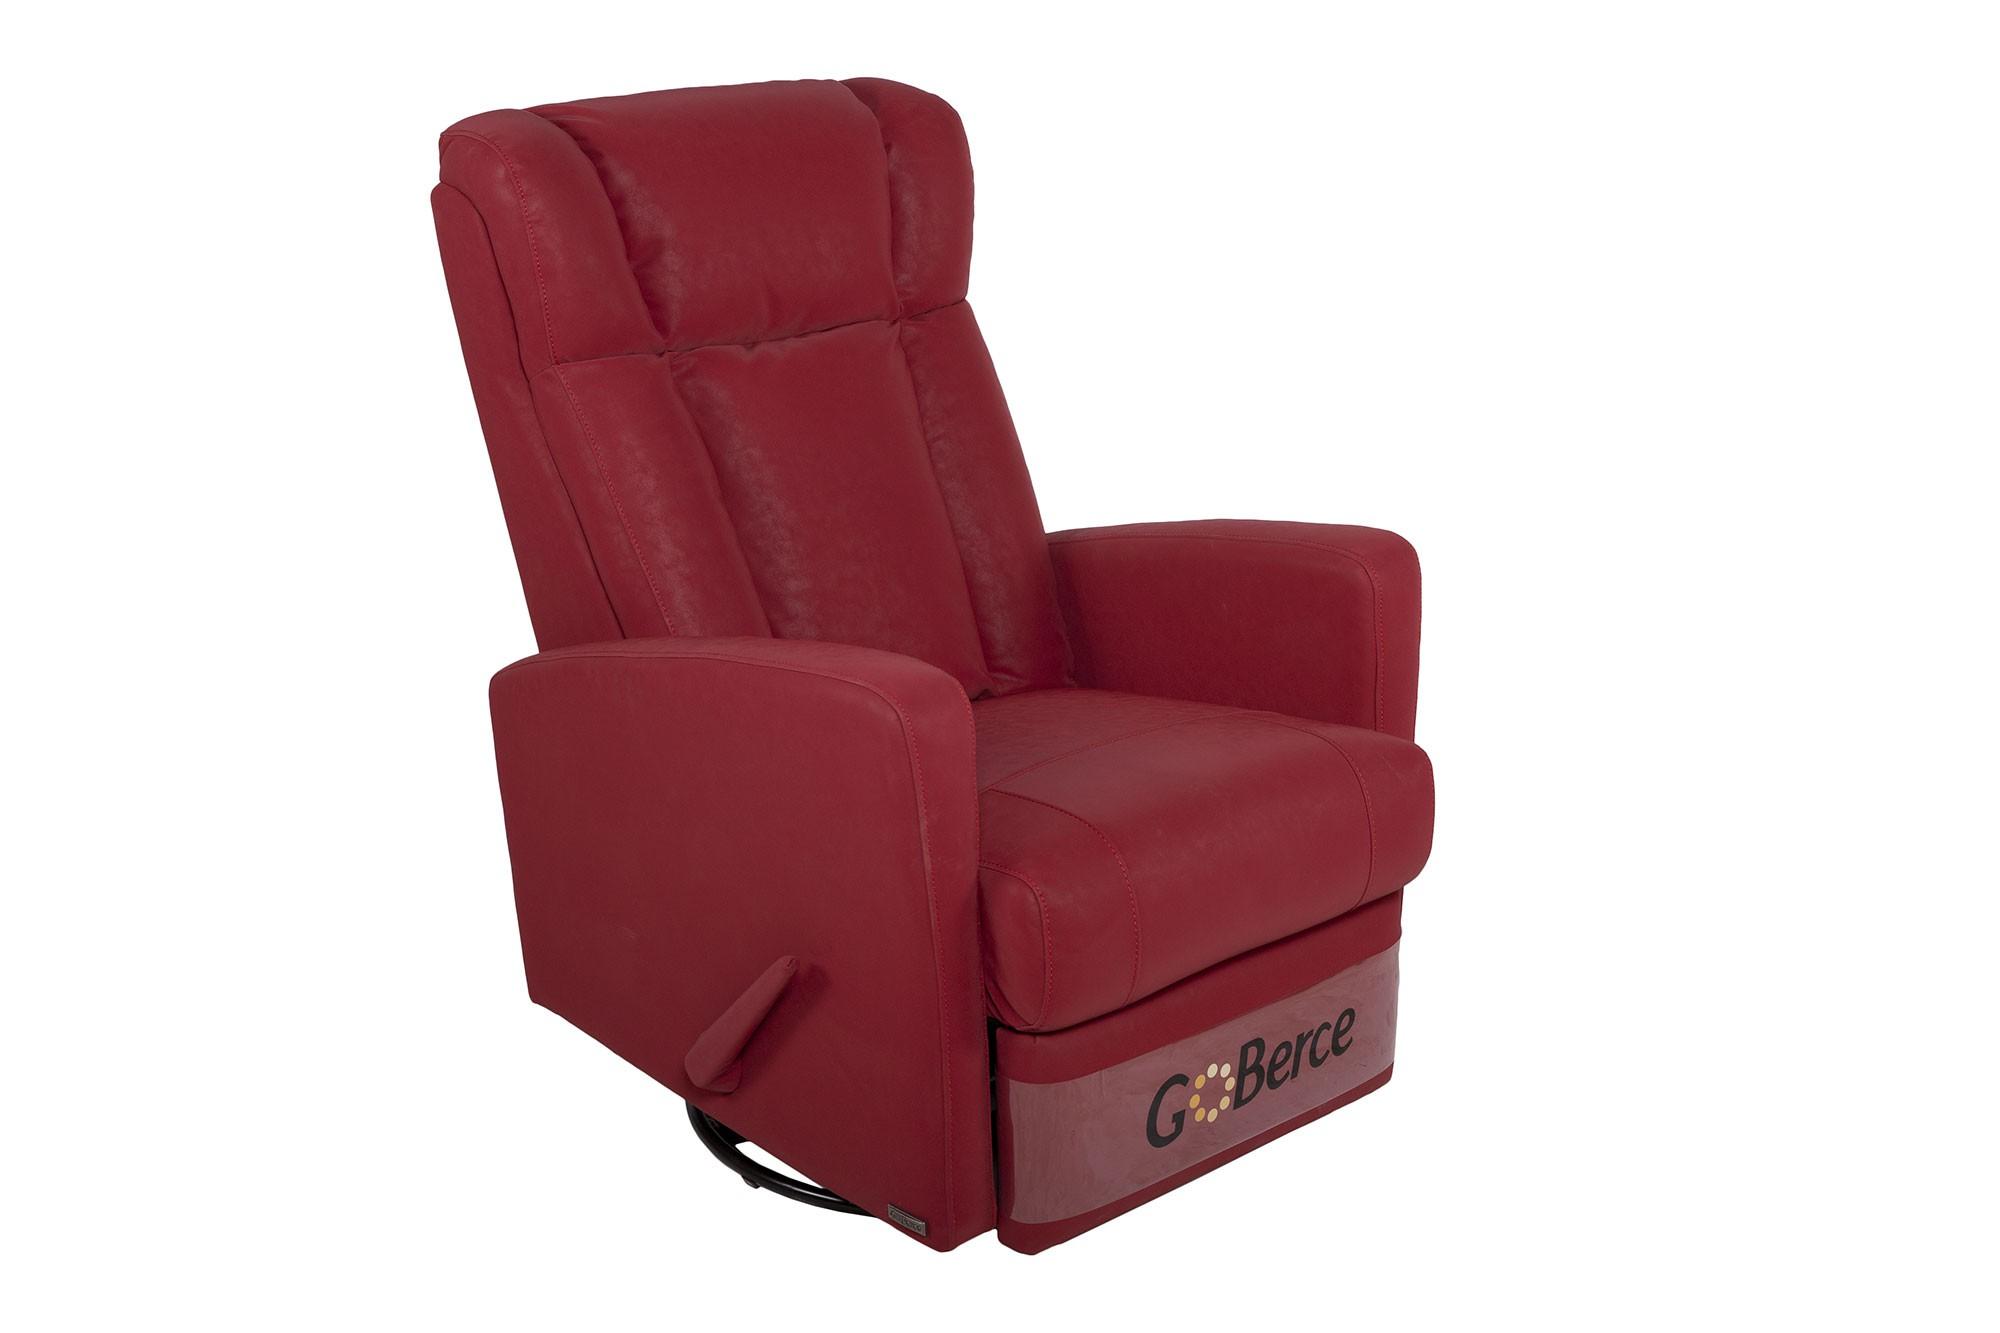 Chairs - 6416fsweet001